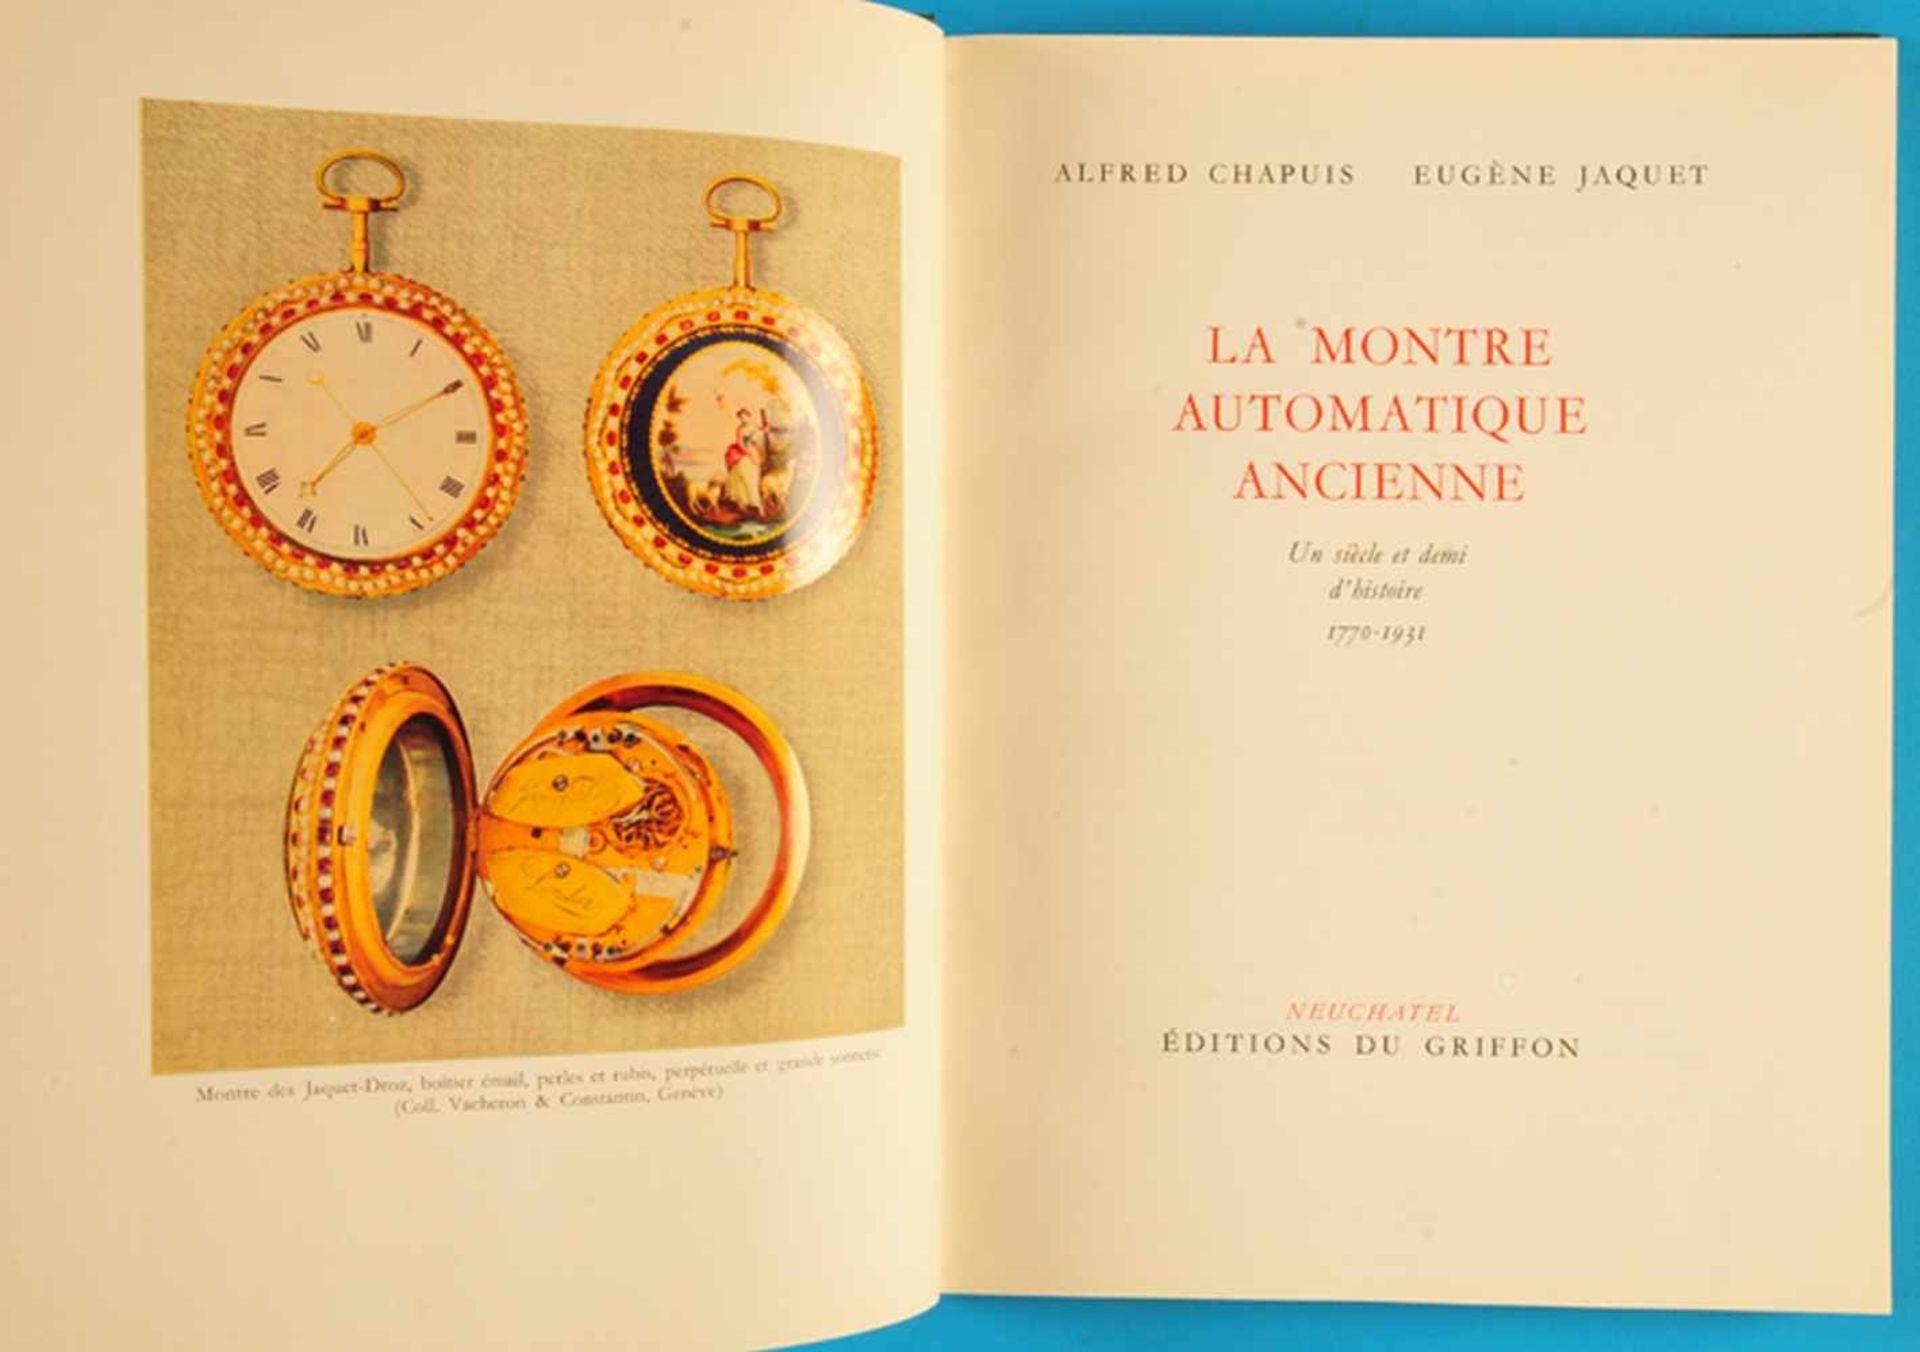 Los 12 - Alfred Chapuis/Eugène Jaquet, La Montre Auto-matique Ancienne, 1770-1931Alfred Chapuis/Eugène